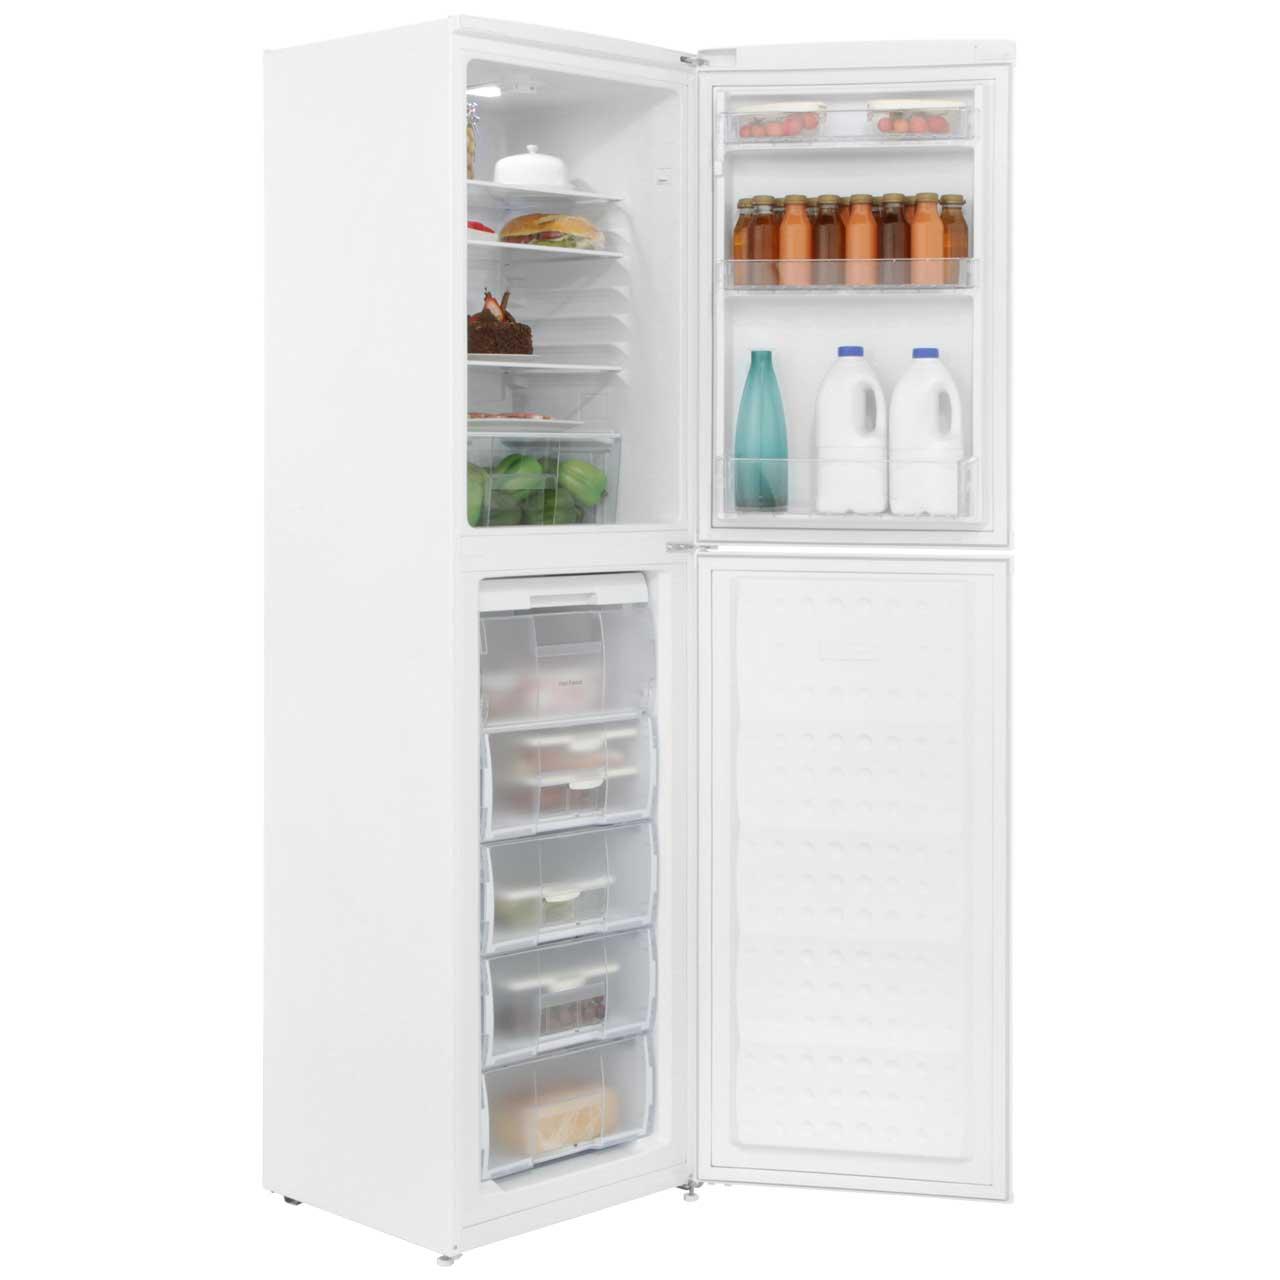 Largest Capacity Refrigerator Beko Cf5015apw 50 50 Frost Free Fridge Freezer White